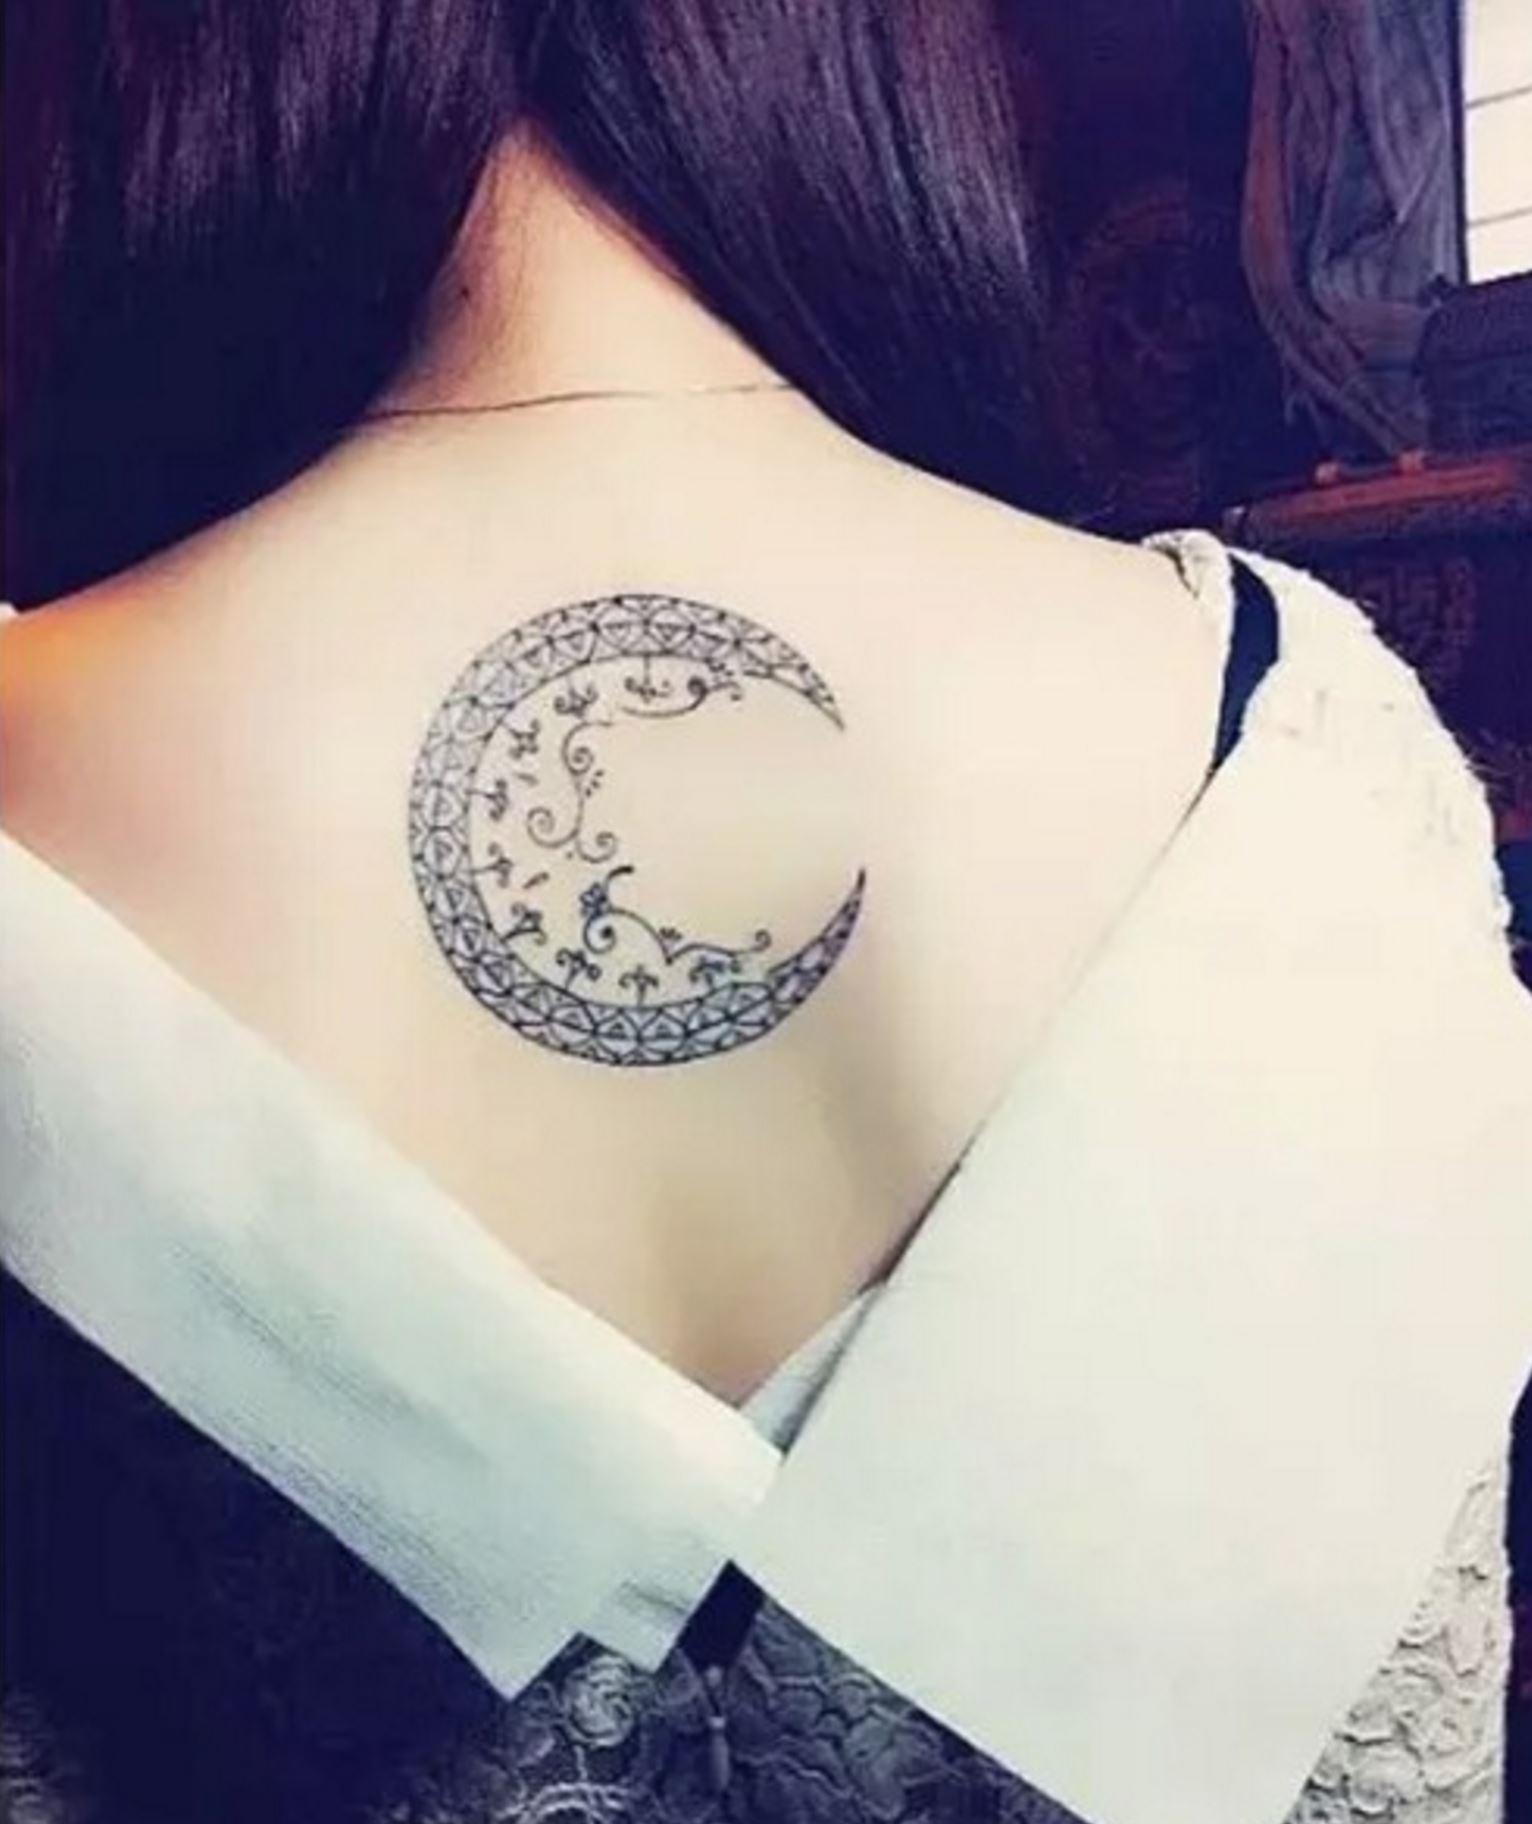 hình xăm mặt trăng cách điệu ở lưng đẹp